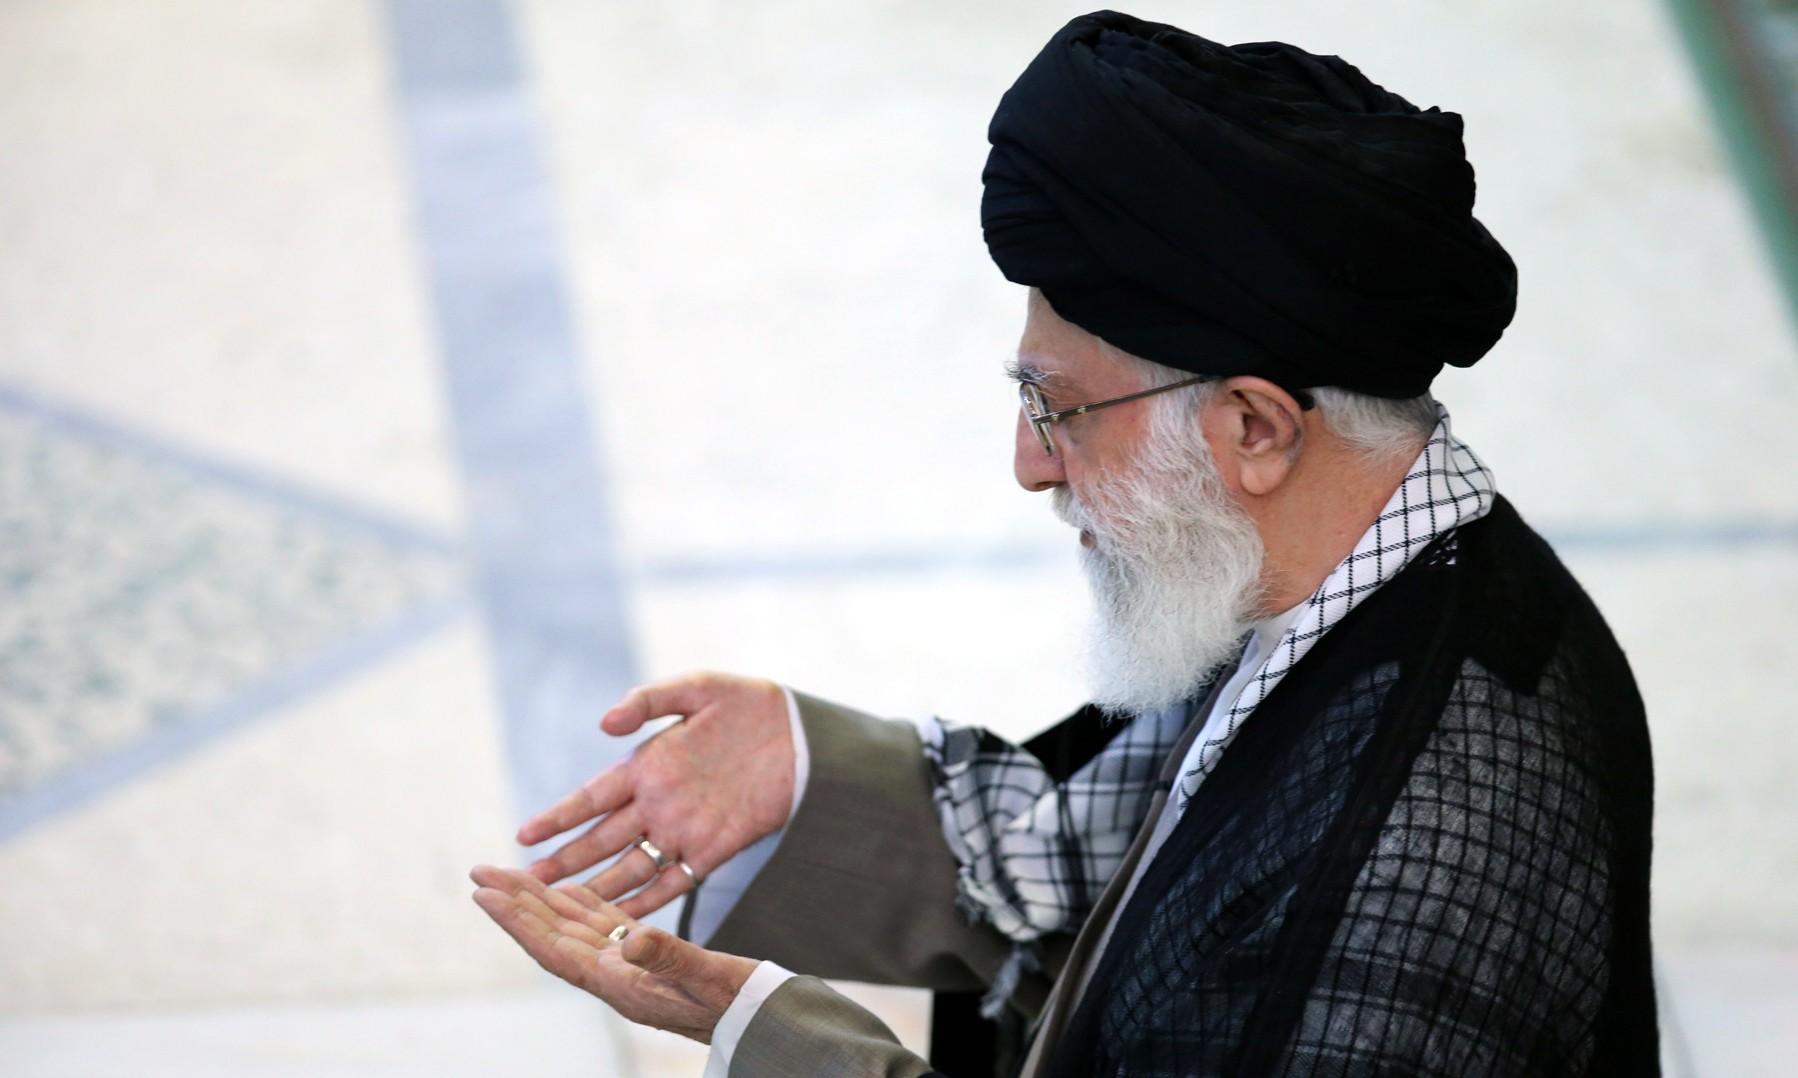 رهبر معظم انقلاب به منظور اقامه نماز بر پیکر مرحوم آیت الله هاشمی رفسنجانی وارد دانشگاه تهران شدند